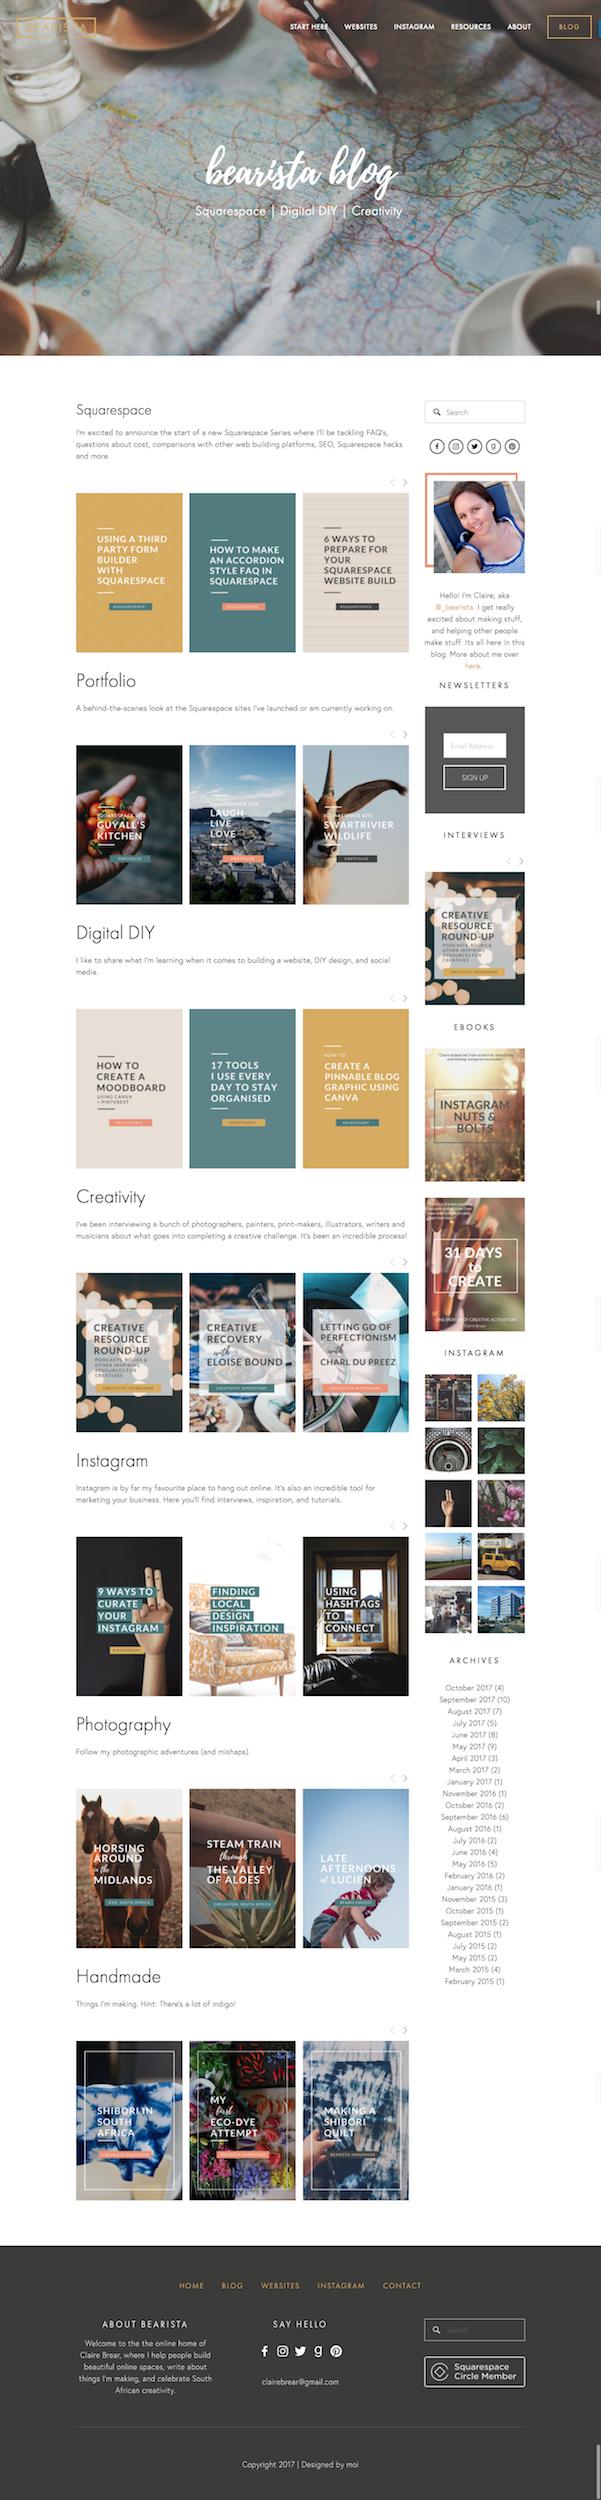 bearista-blog-screencapture